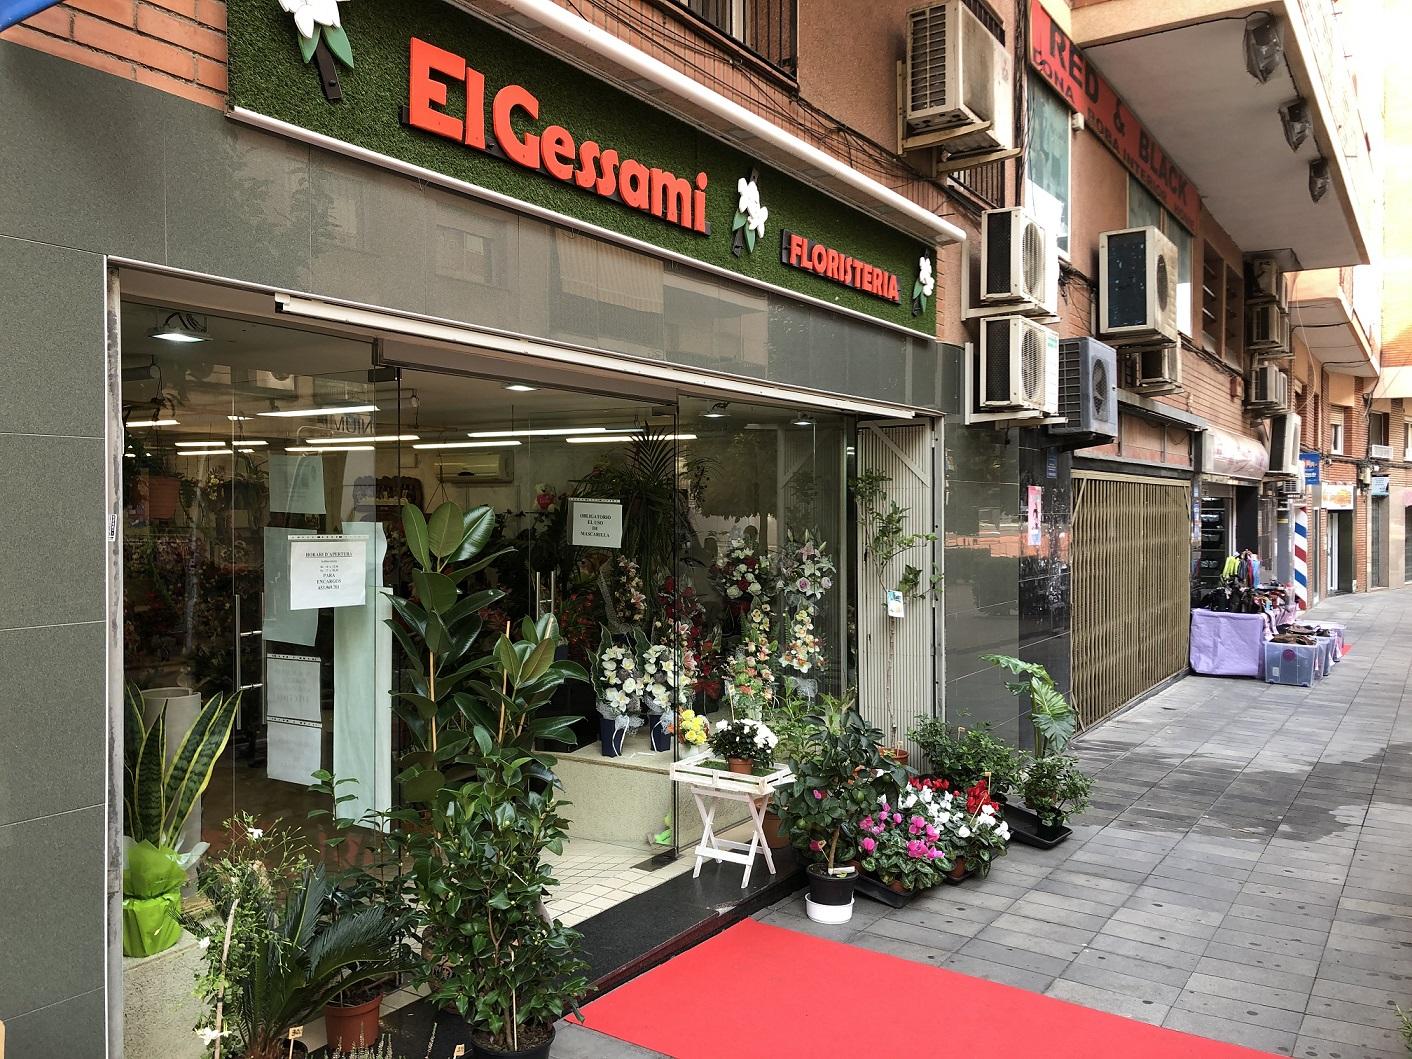 L'Ajuntament de Sant Andreu de la Barca repartirà xecs regal entre els clients de les botigues de la ciutat